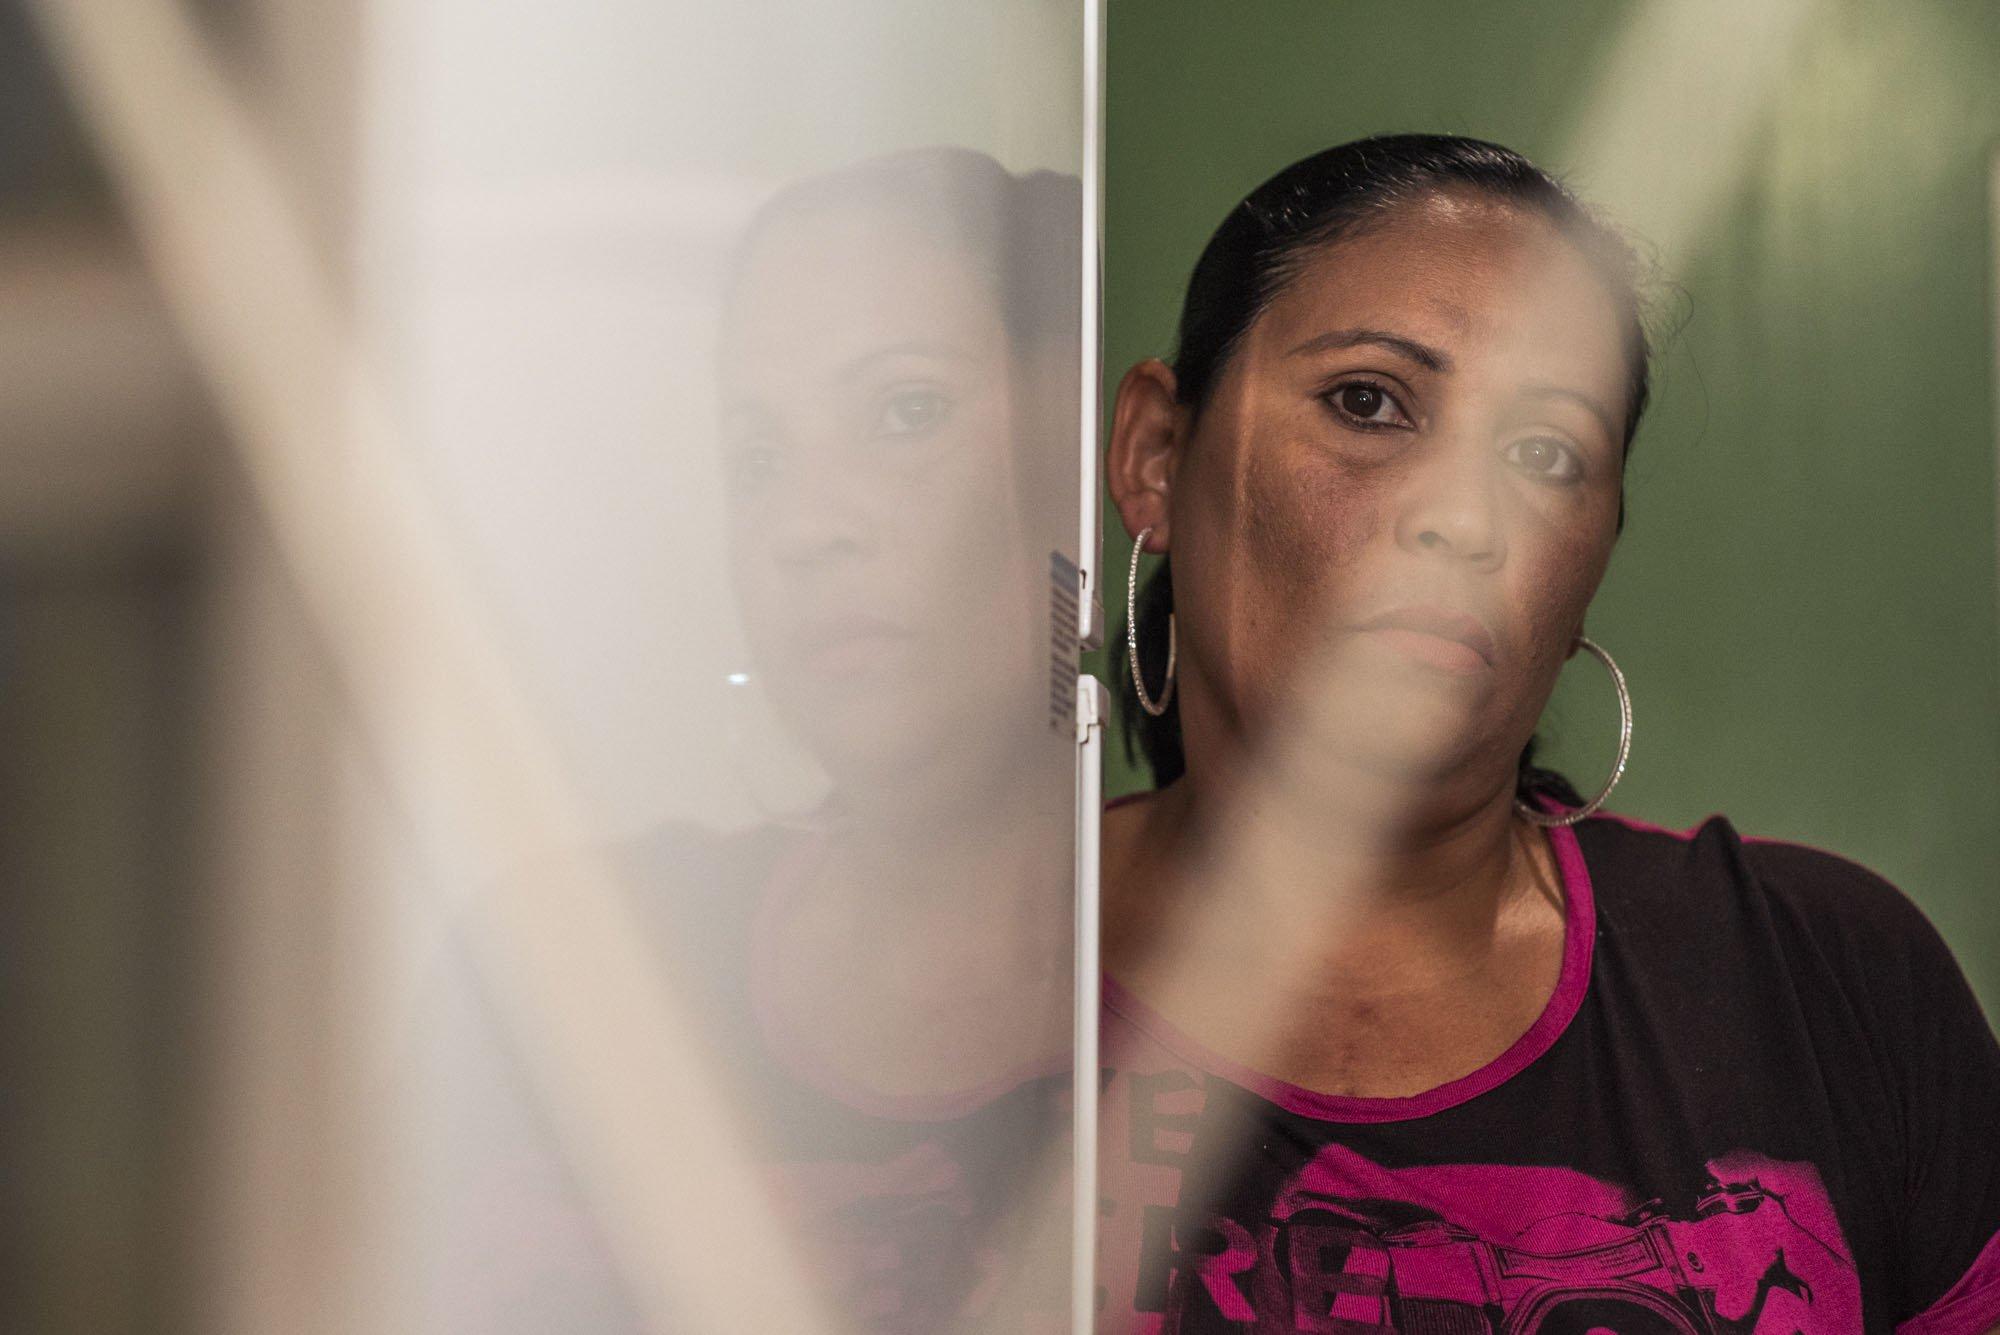 Após uma discussão, Tatiane dos Santos, irmã da vítima, percebeu que o ex-cunhado era capaz de qualquer loucura